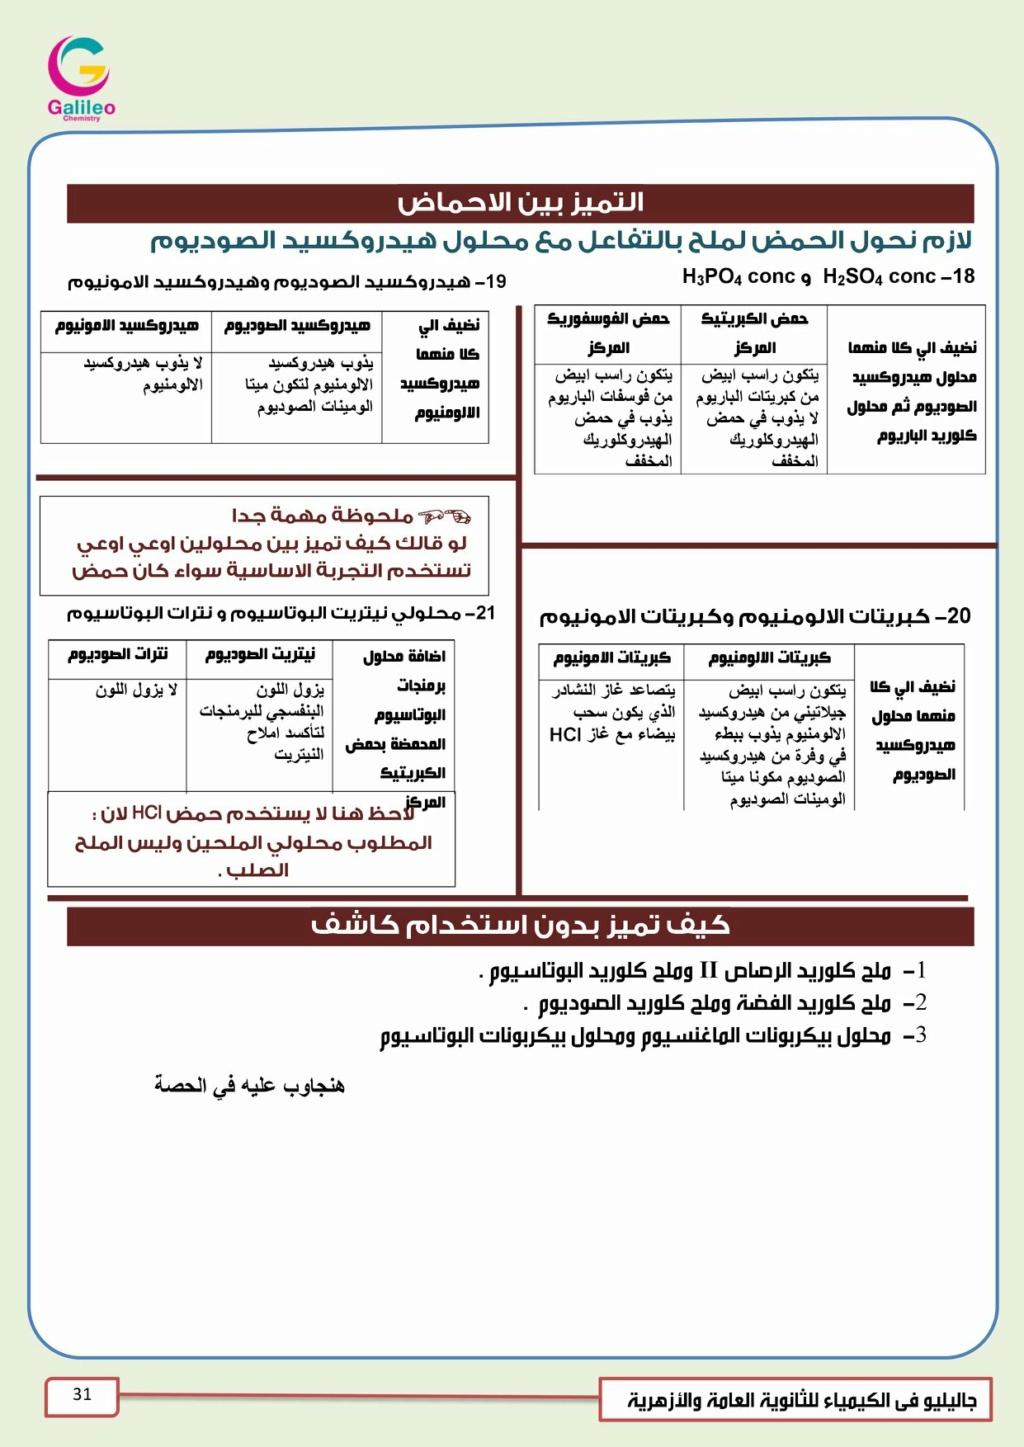 مراجعة الكيمياء التحليلية للثانوية العامة بالنظام الجديد  أ/ على محسن 3134